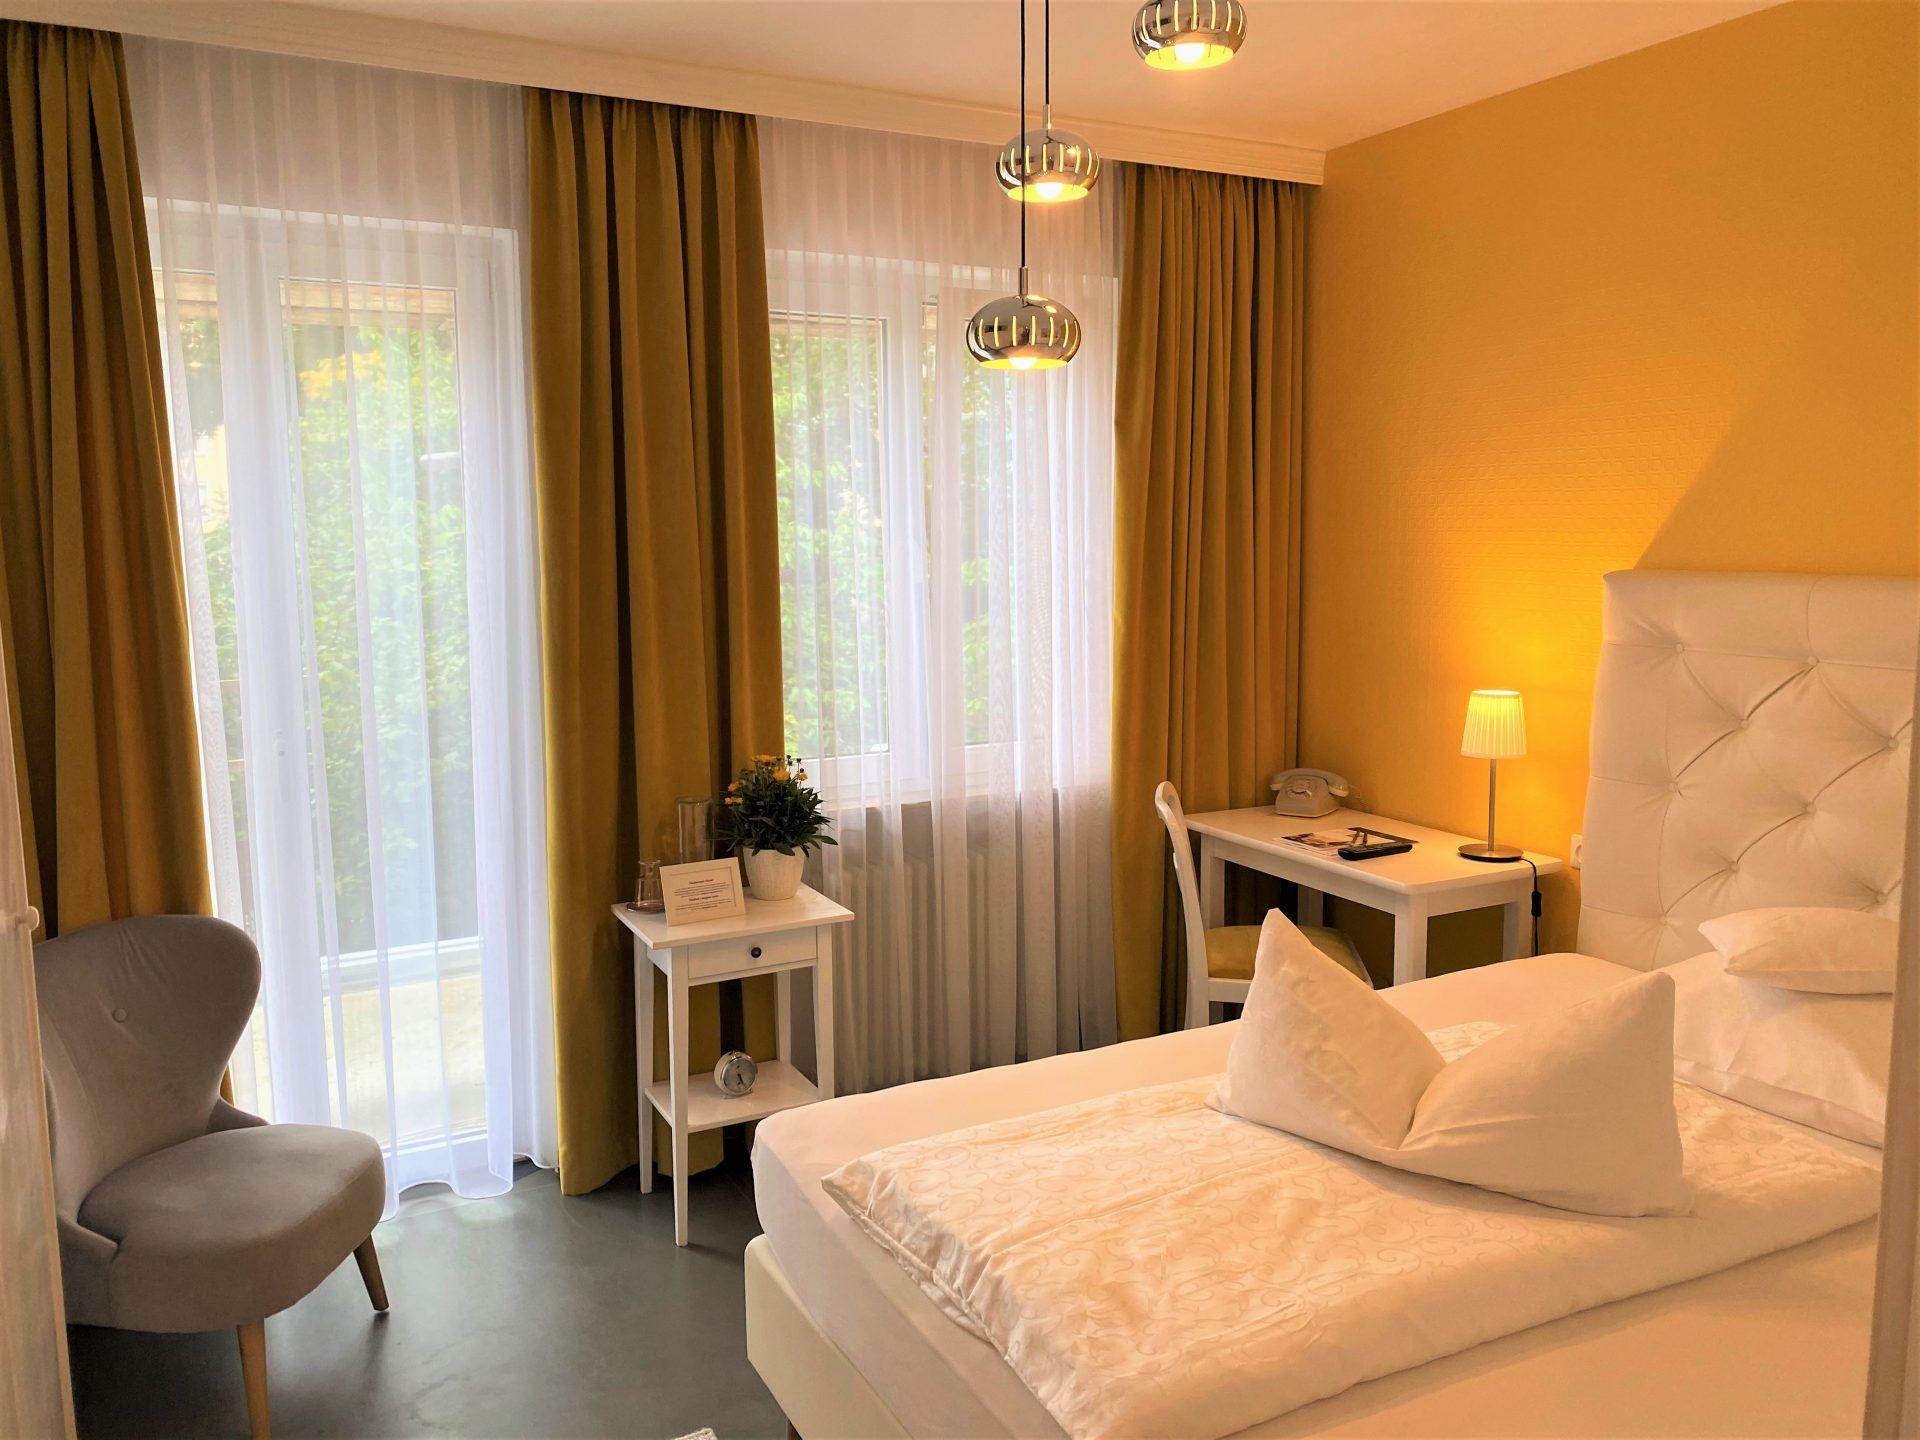 Zimmer Gartenblick im Hotel Vosteen